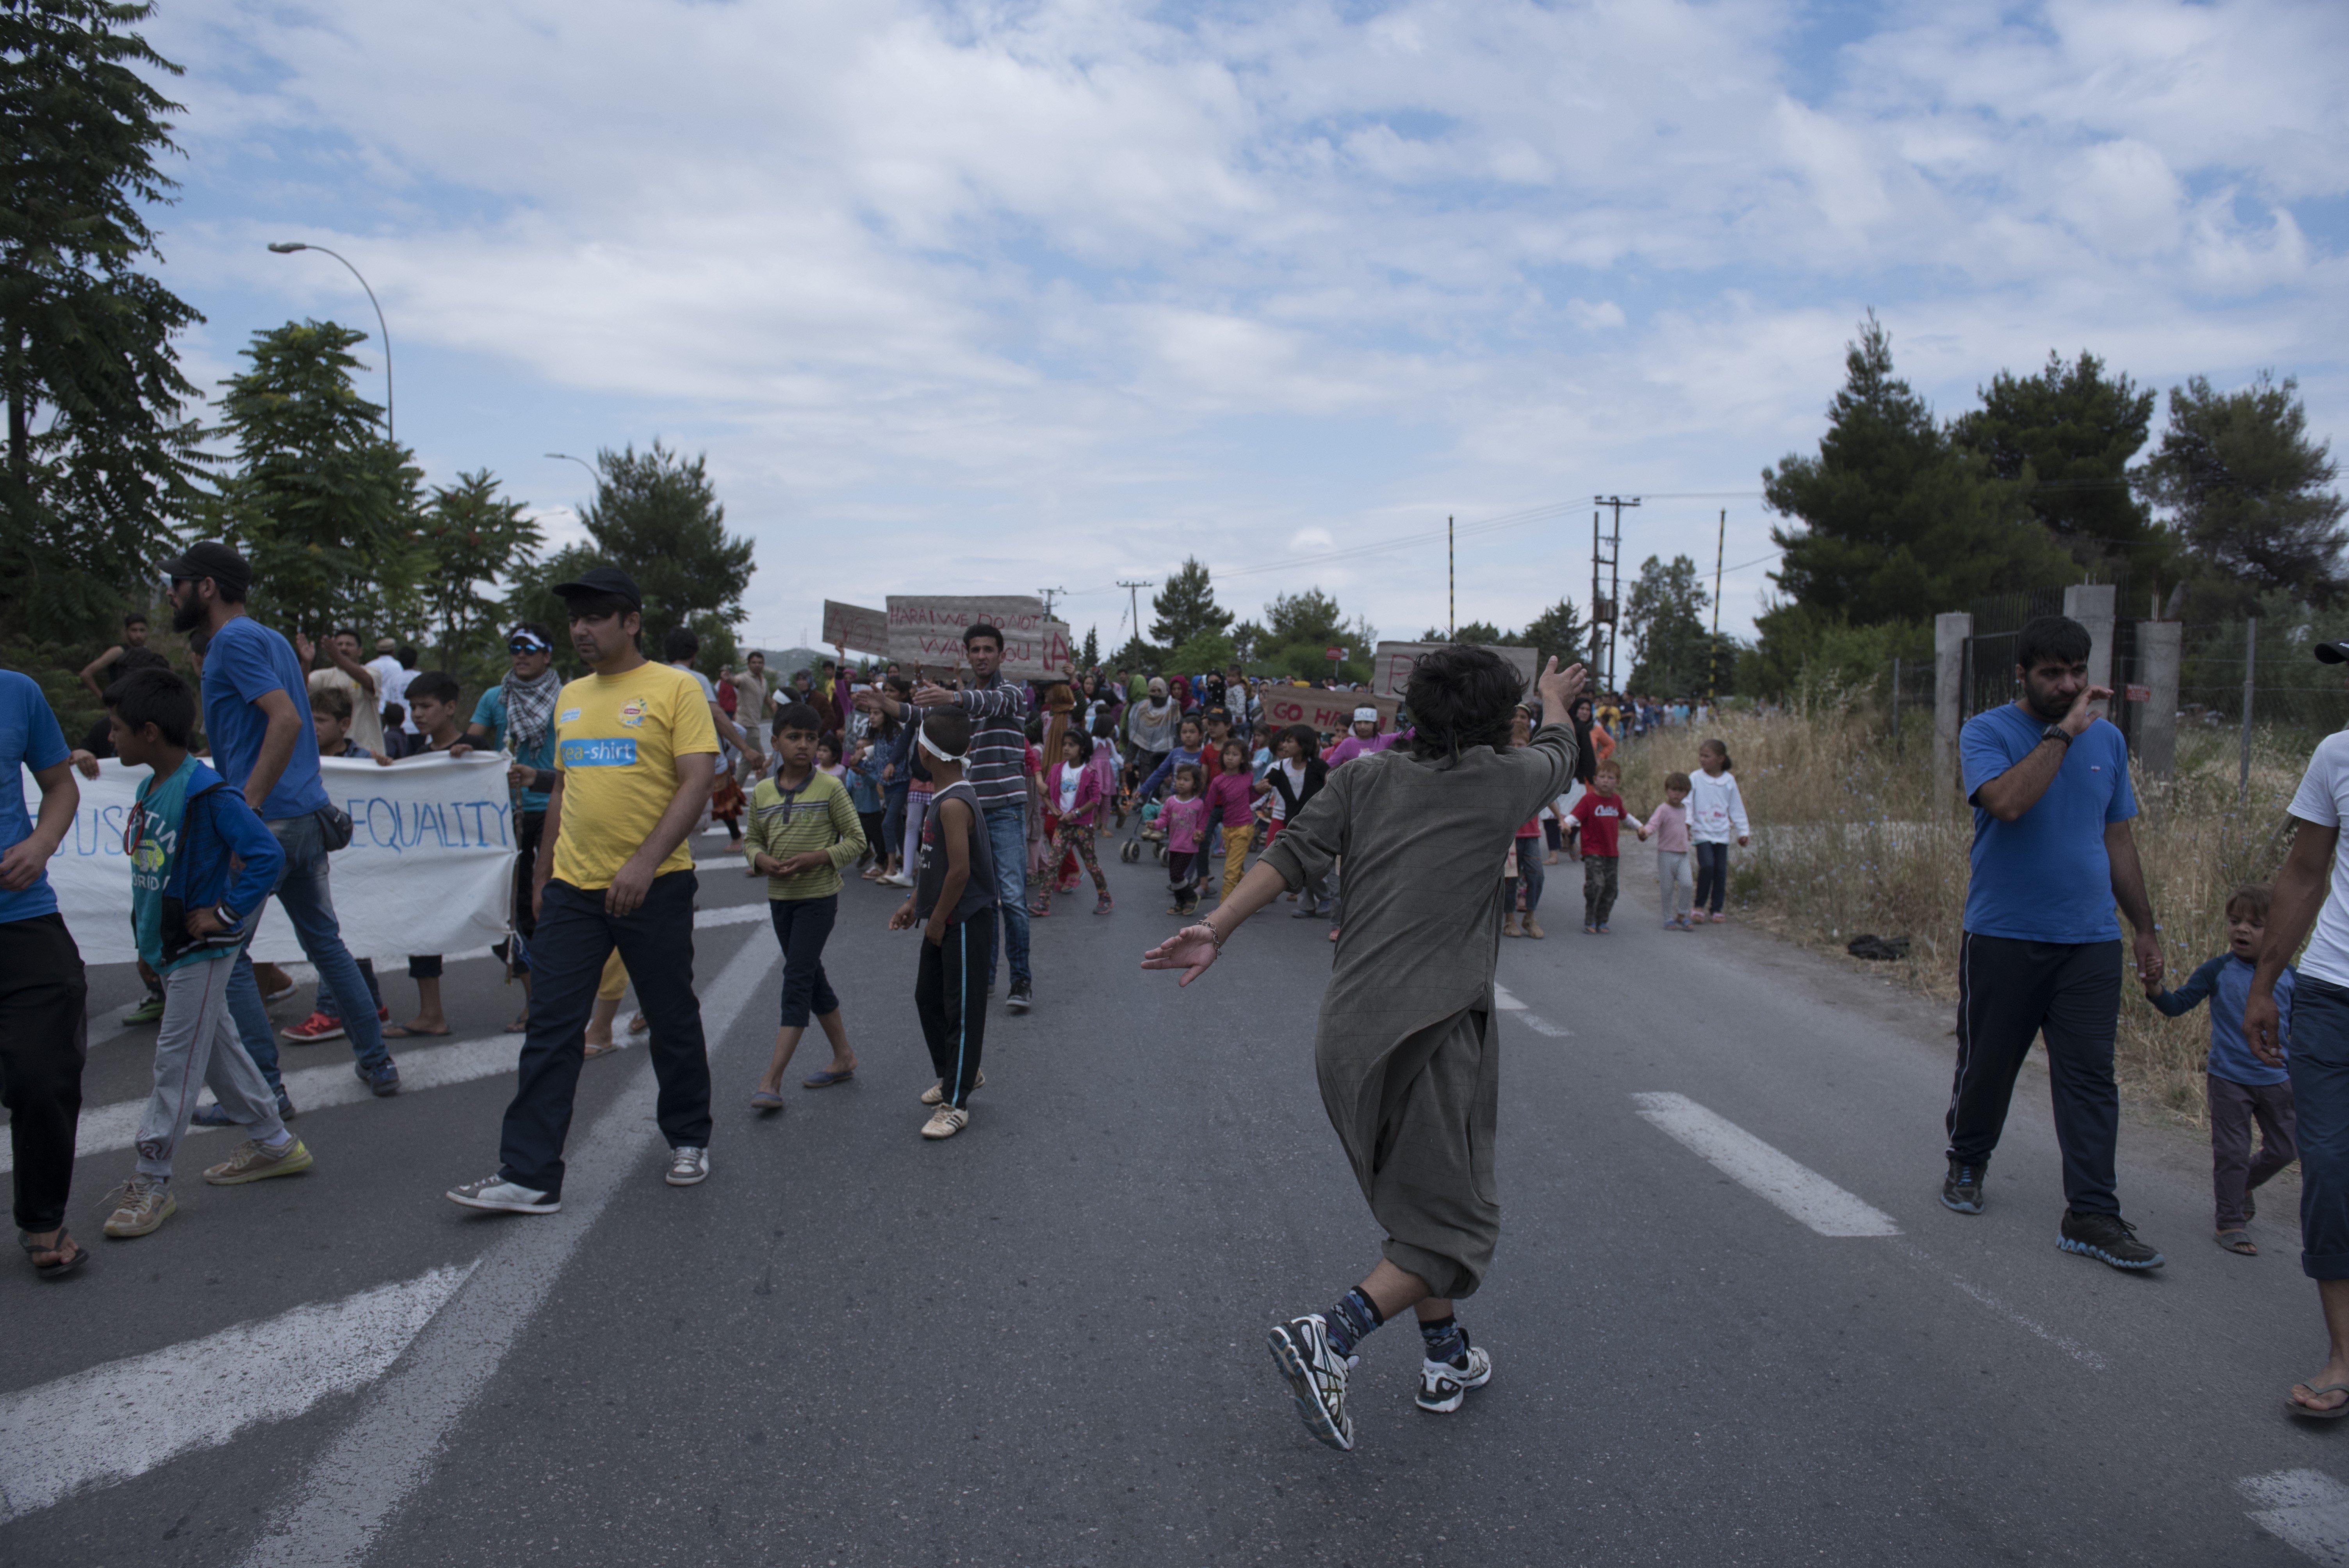 Οι άθλιες συνθήκες διαβίωσης στο hot spot Μαλακάσας έβγαλε τους μετανάστες στο δρόμο. Προσωρινή διακοπή κυκλοφορίας στην